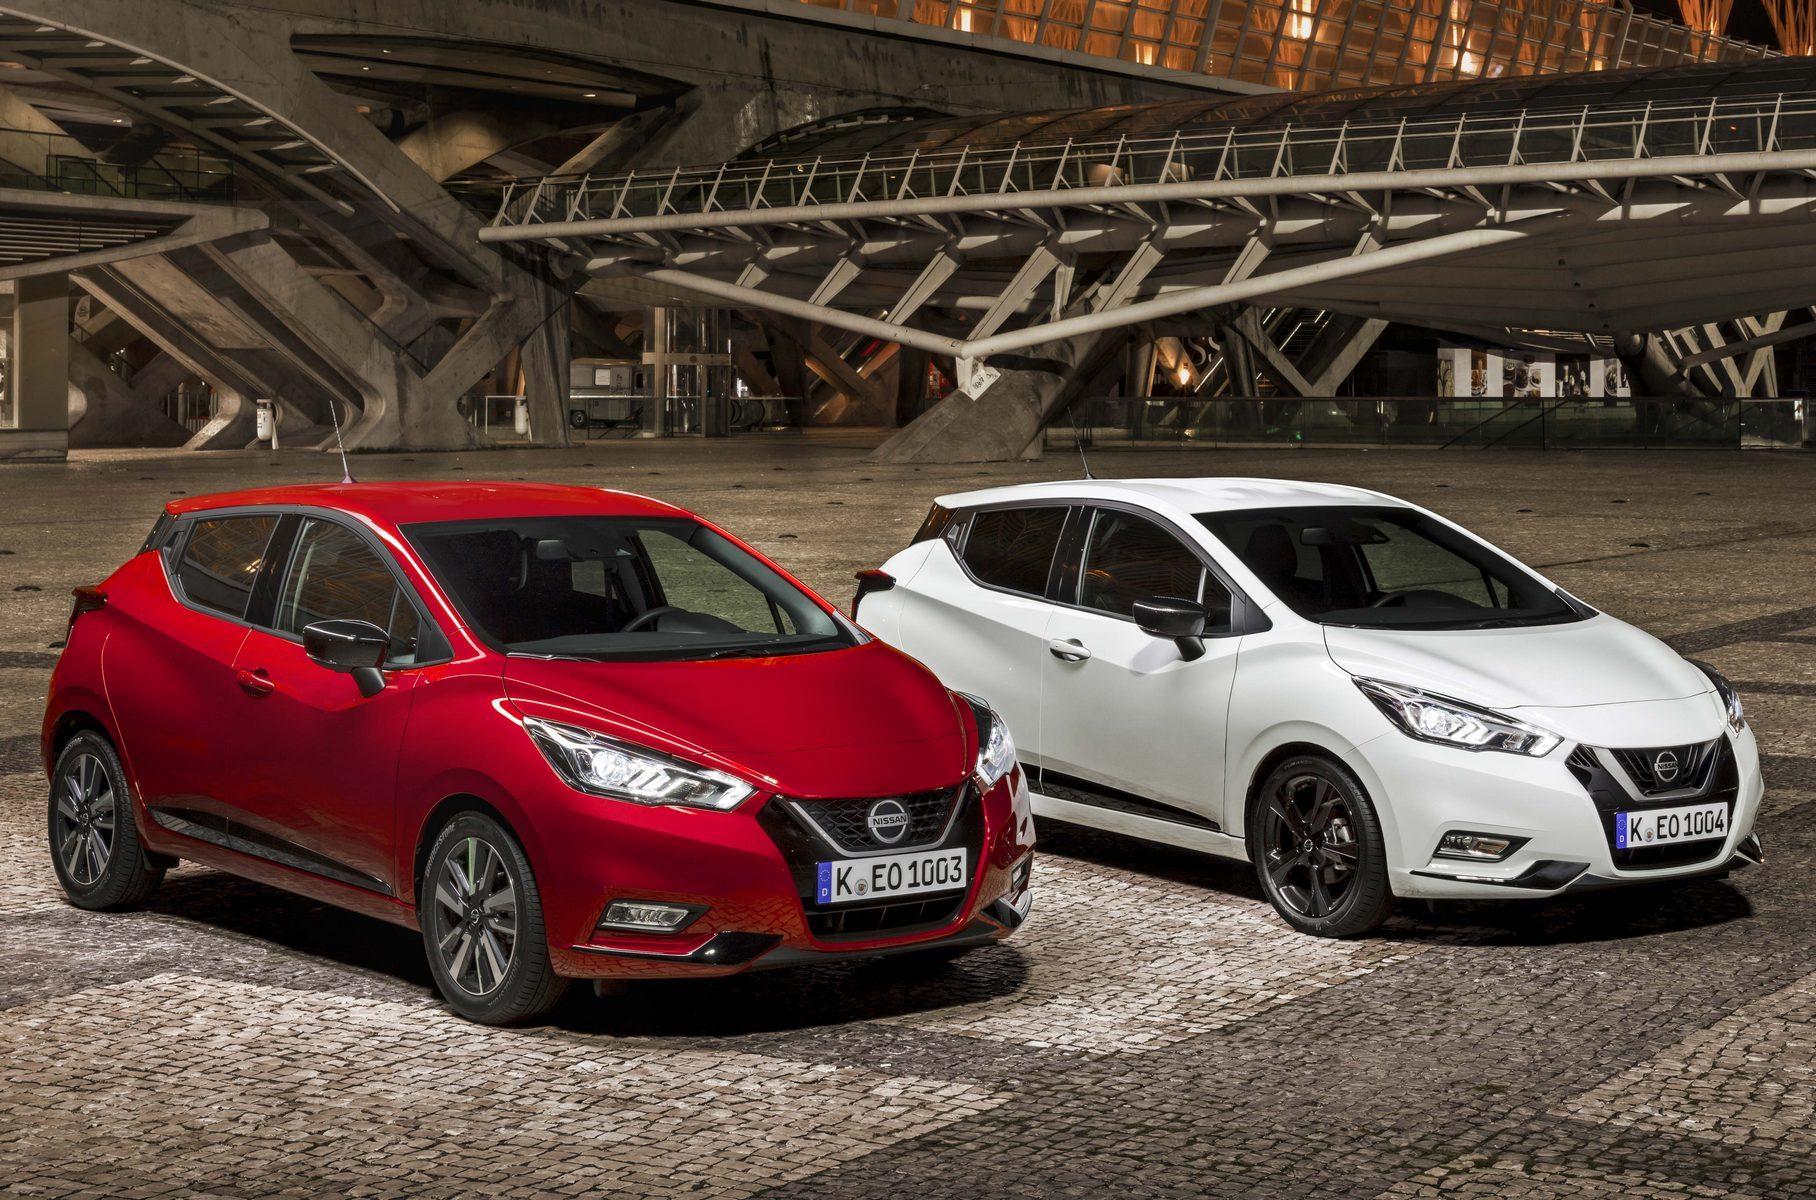 Renault будет разрабатывать следующее поколение Nissan Micra